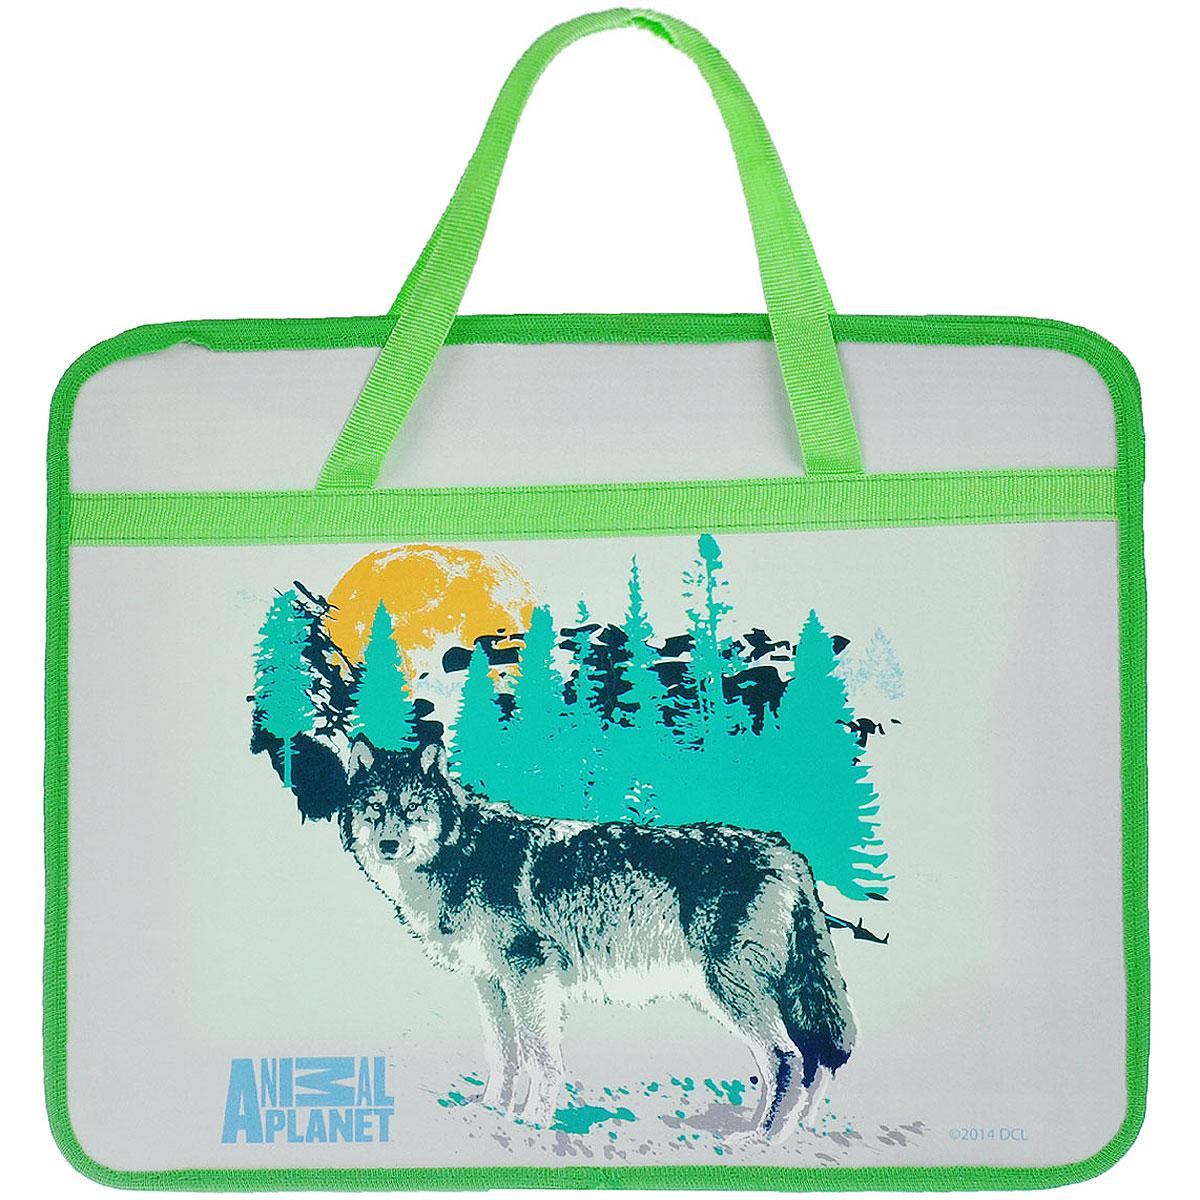 Папка для тетрадей Action! Animal Planet, цвет: серый, салатовыйAP-FZHA4-1Папка Action! Animal Planet предназначена для хранения тетрадей, рисунков и прочих бумаг с максимальным форматом А4. Папка выполнена из прочного материала, оформлена изображением волка и содержит одно отделение. Закрывается она на застежку-молнию. Папка дополнена двумя текстильными ручками для переноски. С папкой Action! Animal Planet тетради вашего ребенка всегда будут выглядеть опрятно.